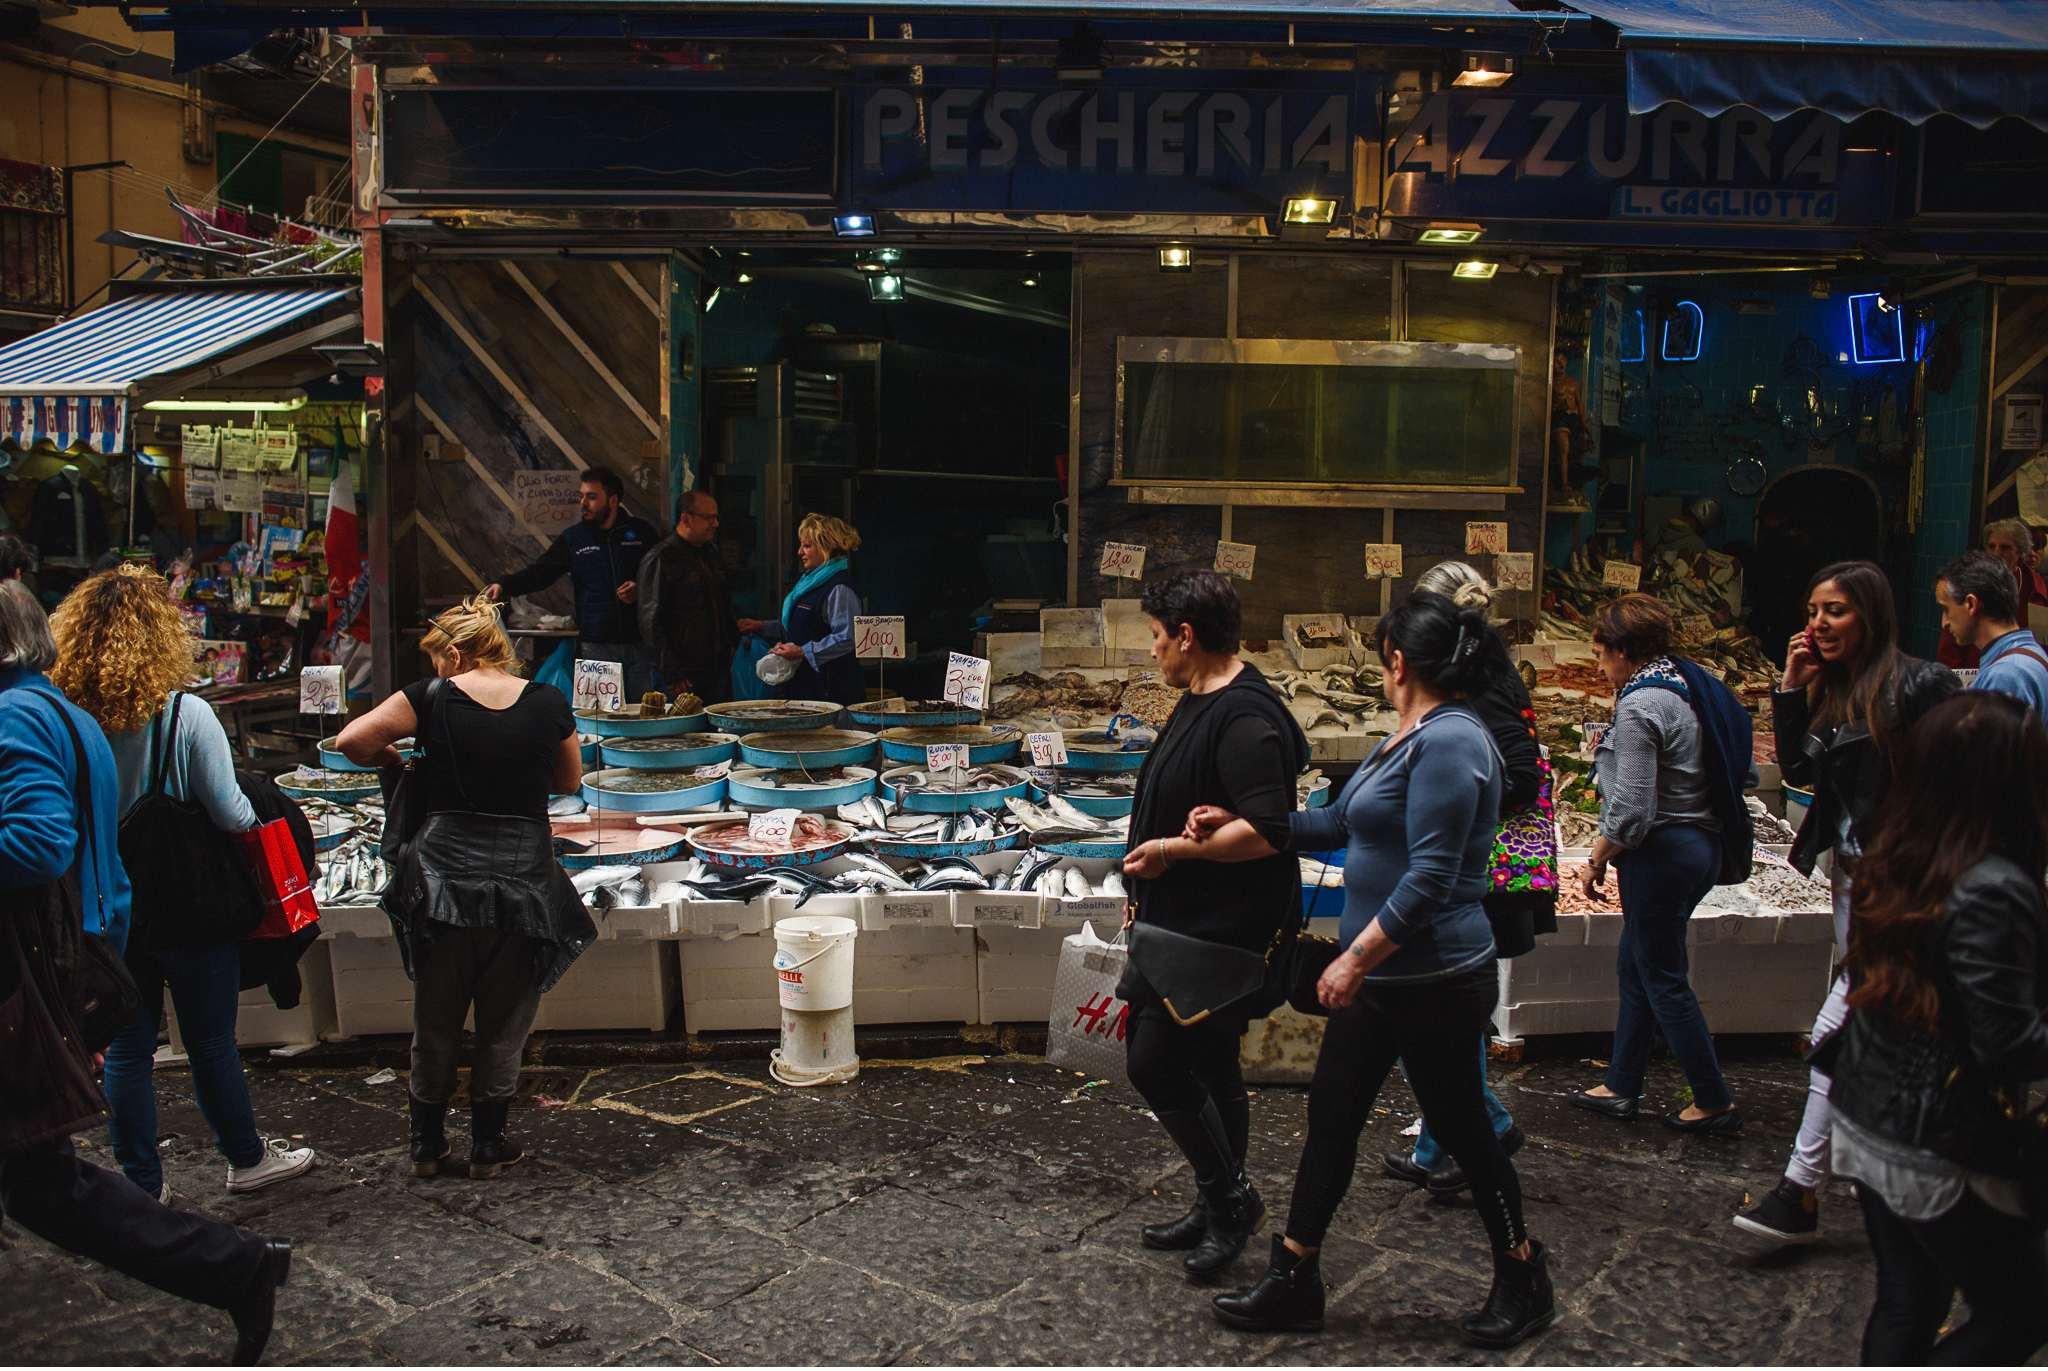 Interrail Reise - Italien Neapel - Geschichten von unterwegs - Foto Daniel Kempf-Seifried-101